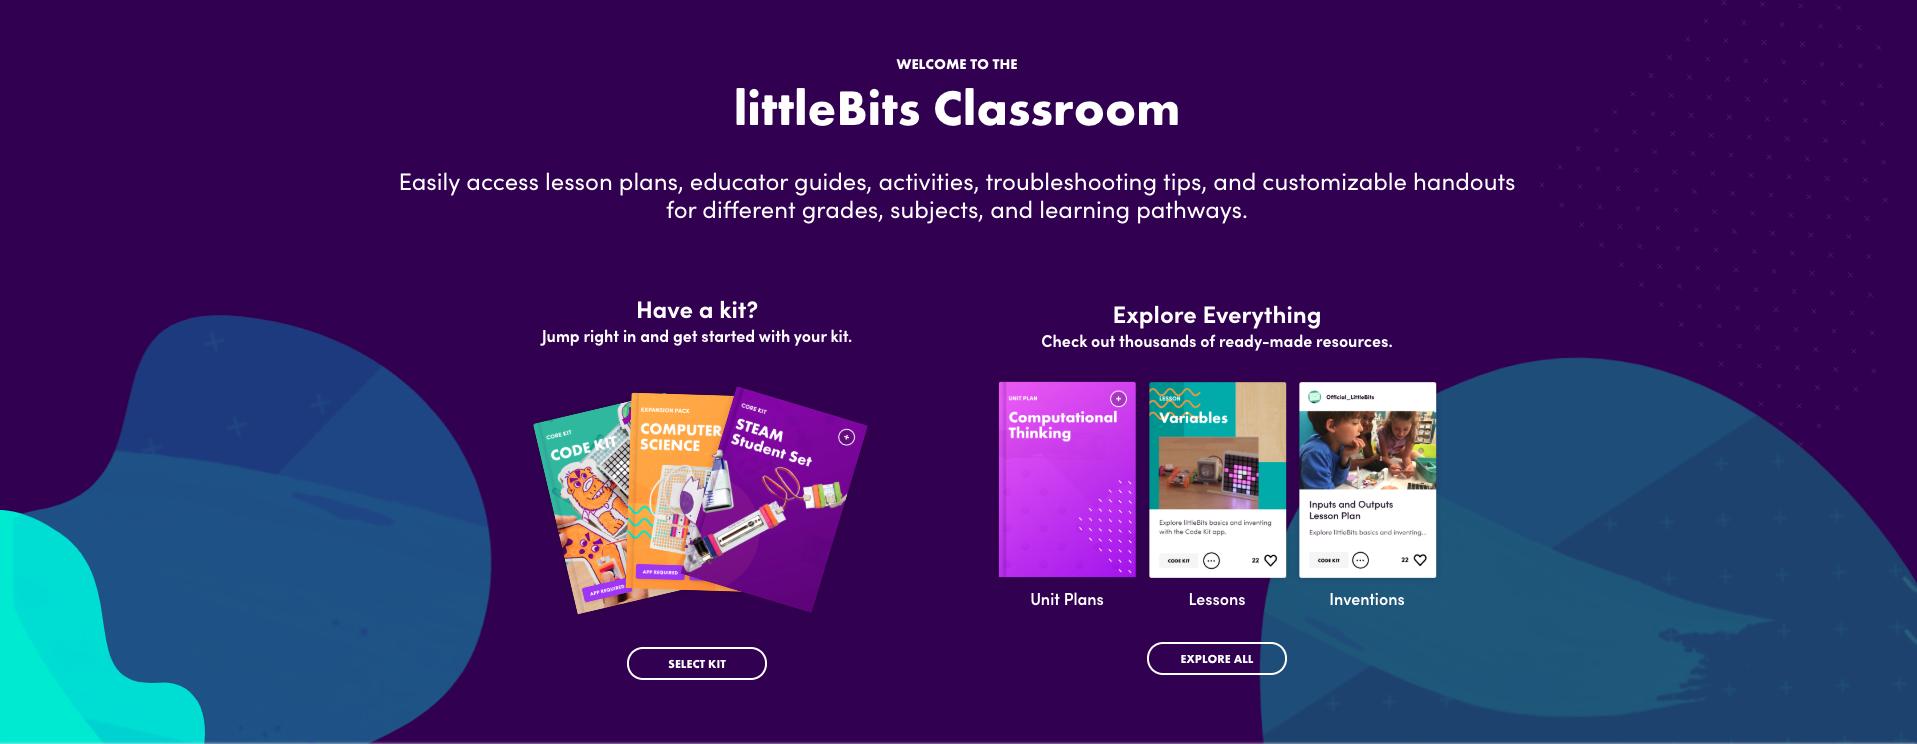 littleBits Classroom Science Homeschool Curriculum